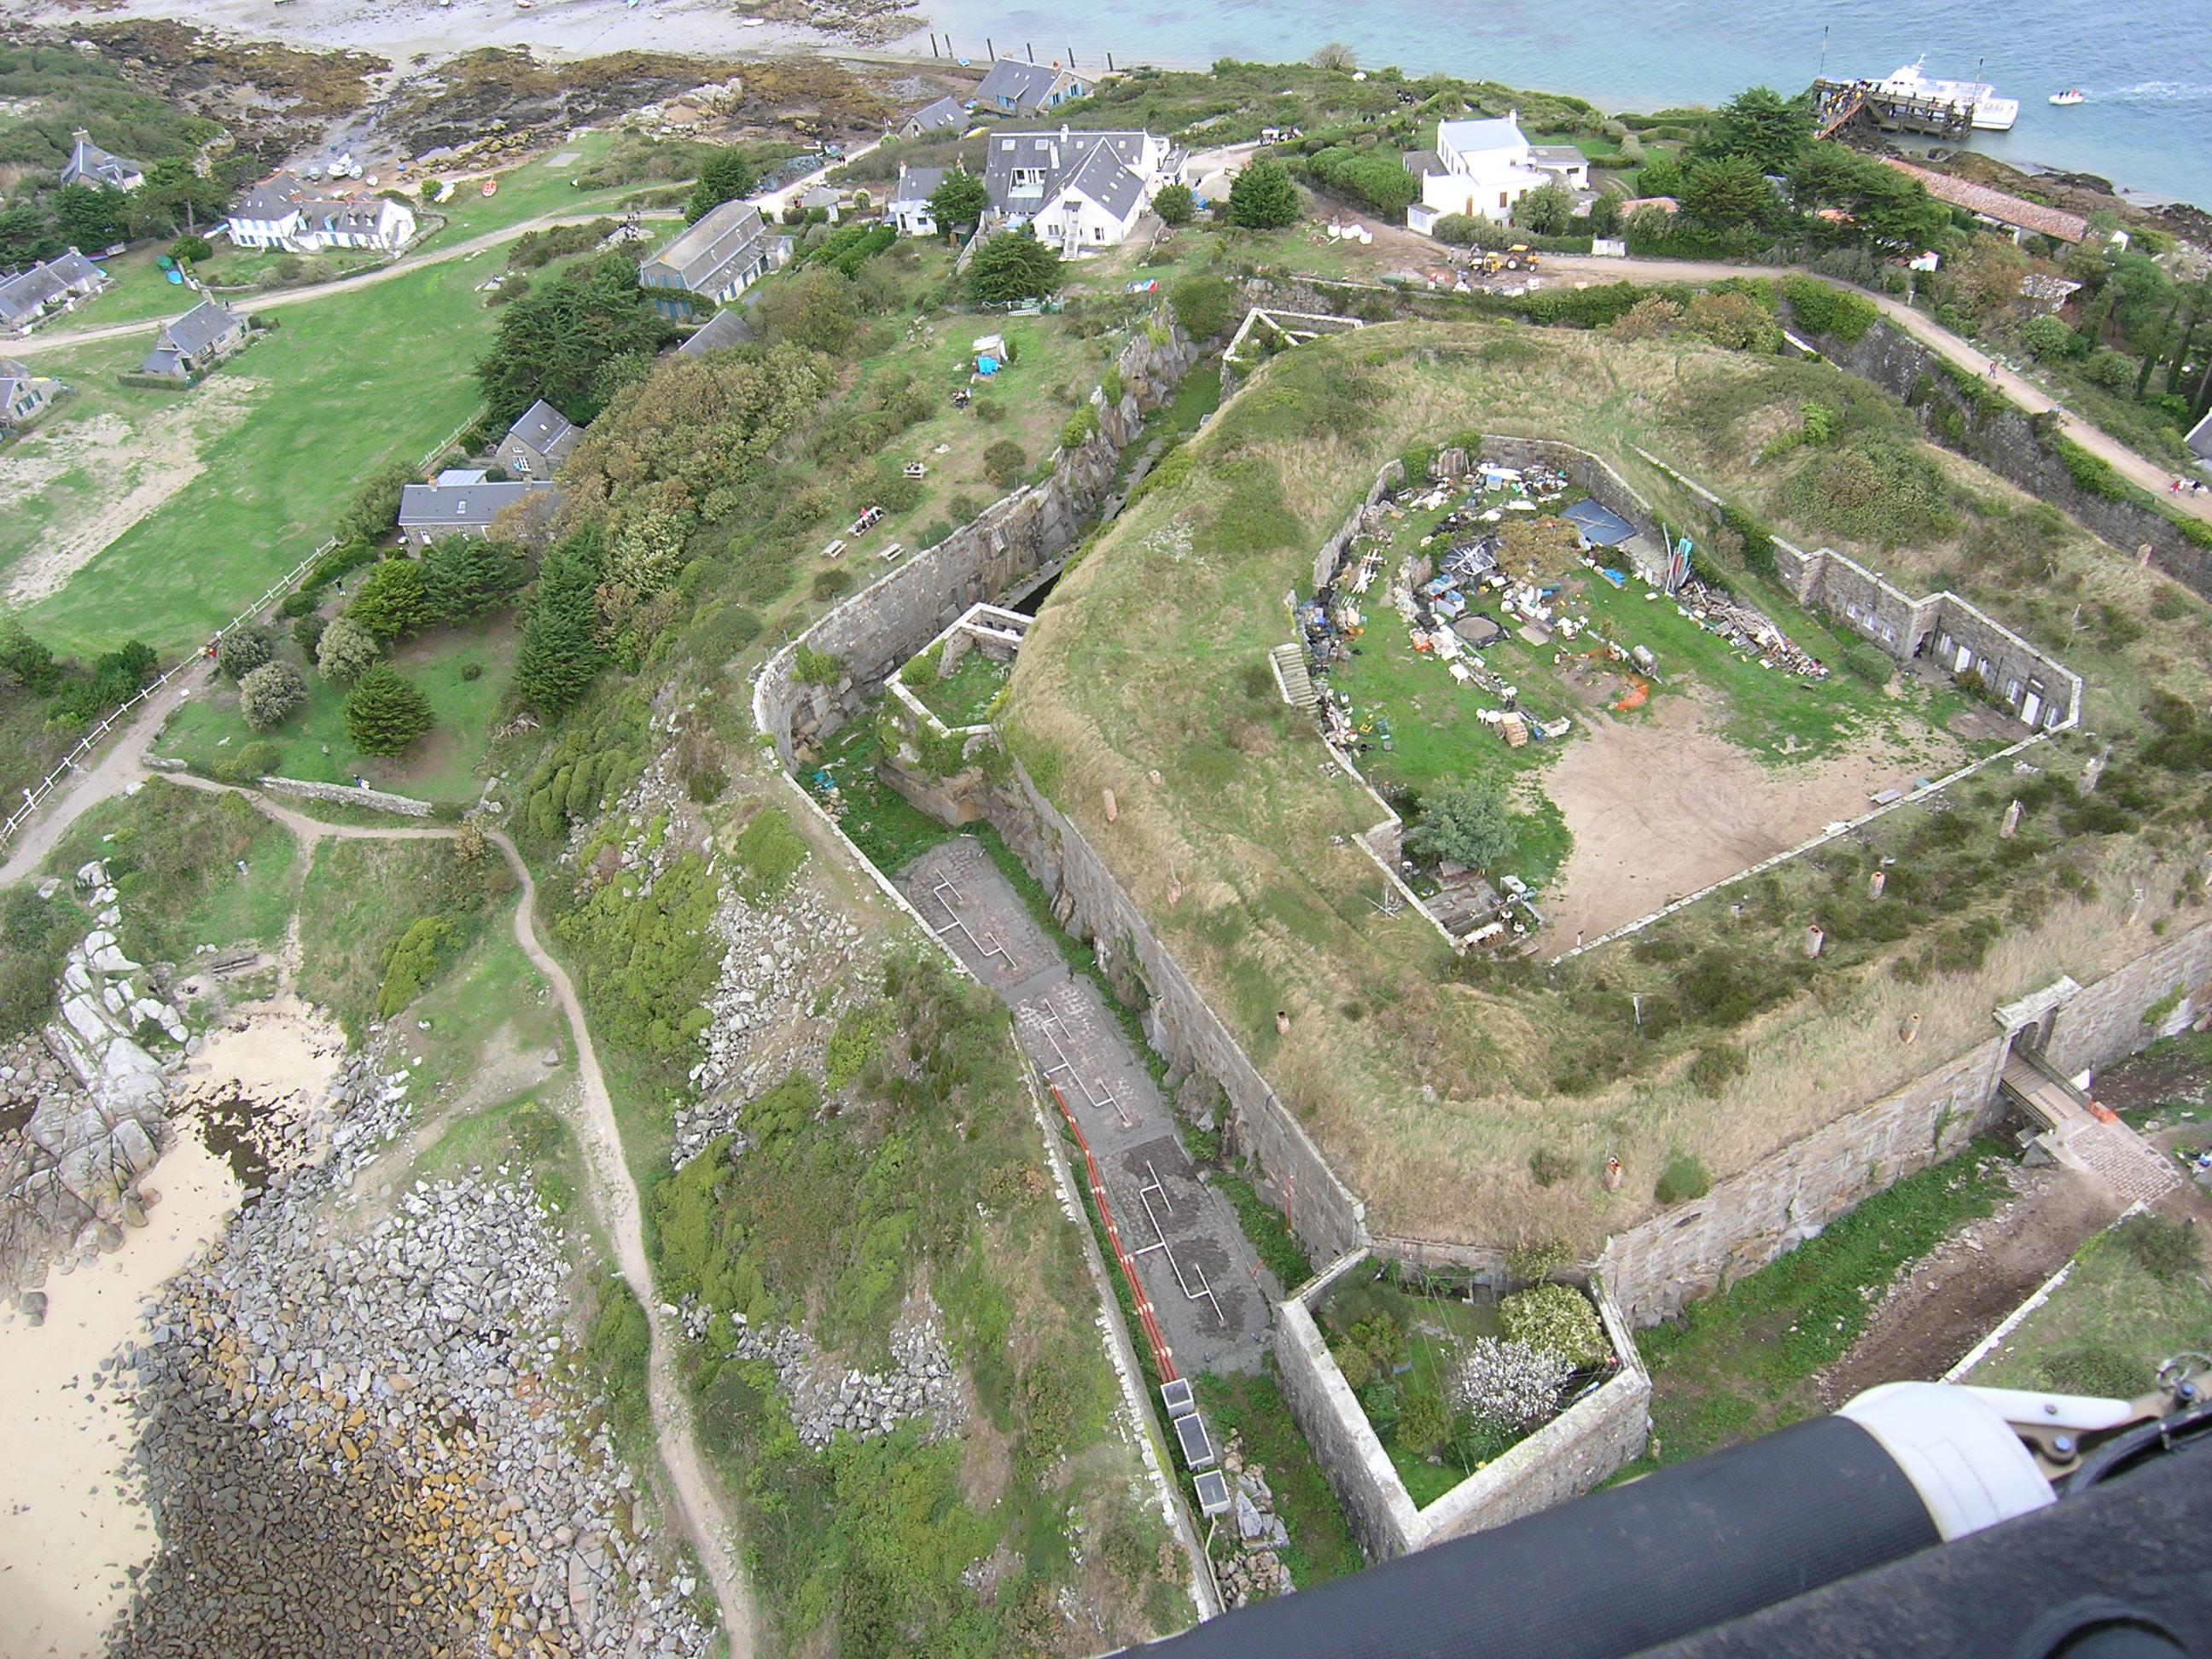 Vue aérienne de la station d'épuration implantée dans les douves du Fort de Chausey.